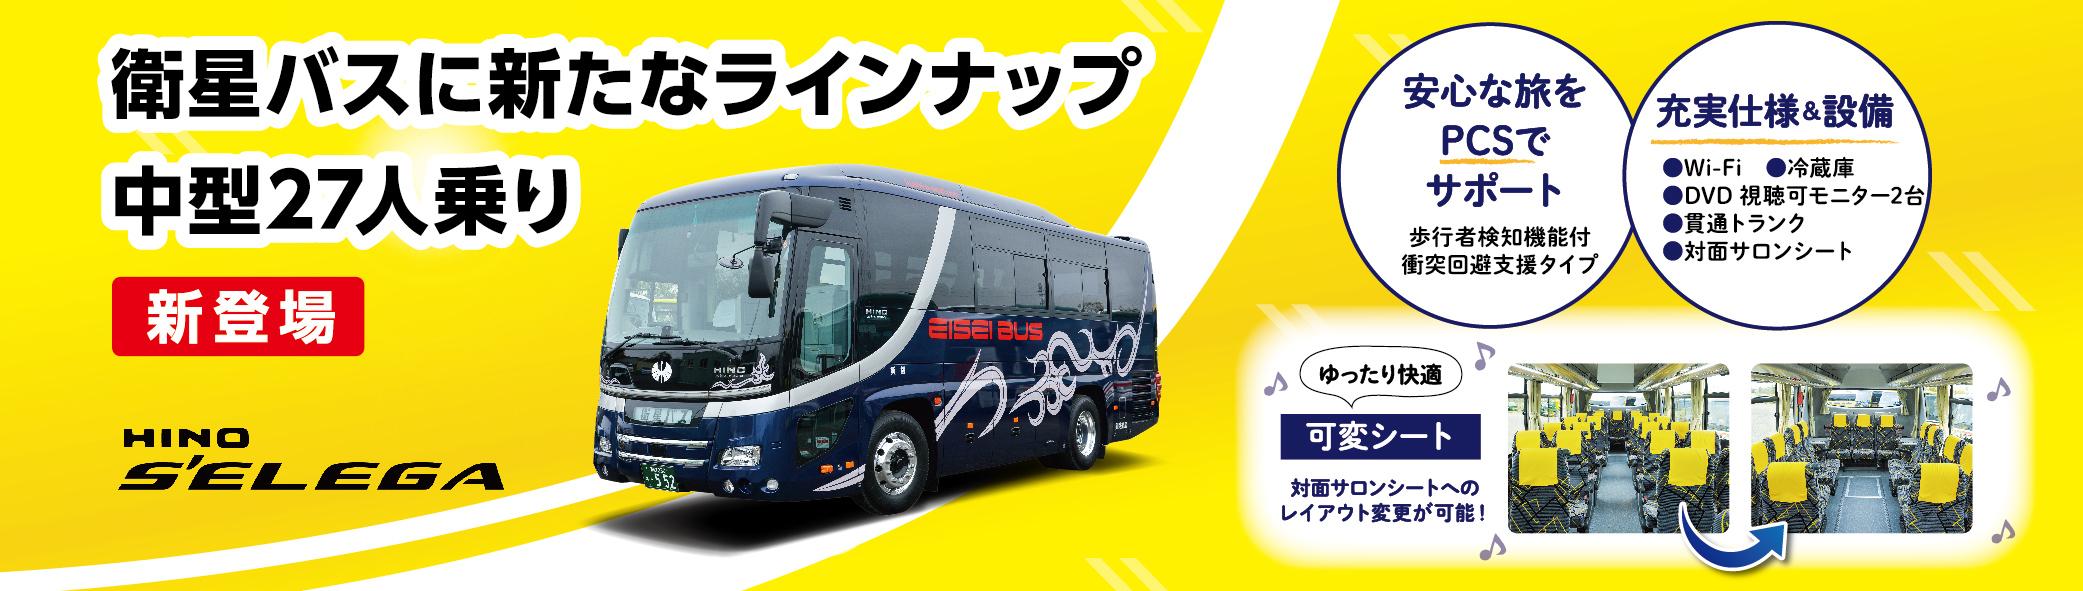 衛星バスに新たなラインナップ 中型27人乗り新登場